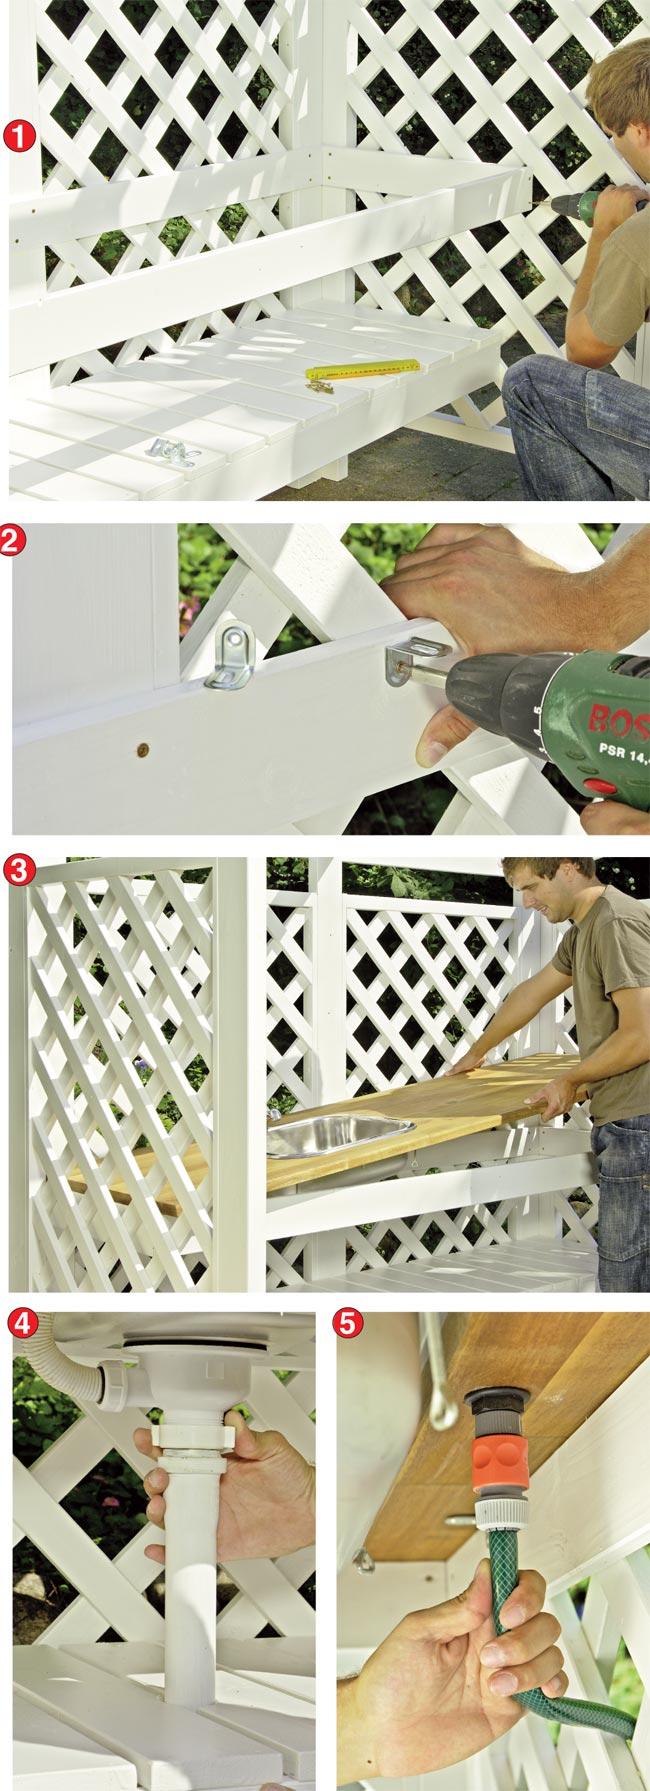 Costruire una cucina da esterno in legno d\'abete - Bricoportale: Fai ...